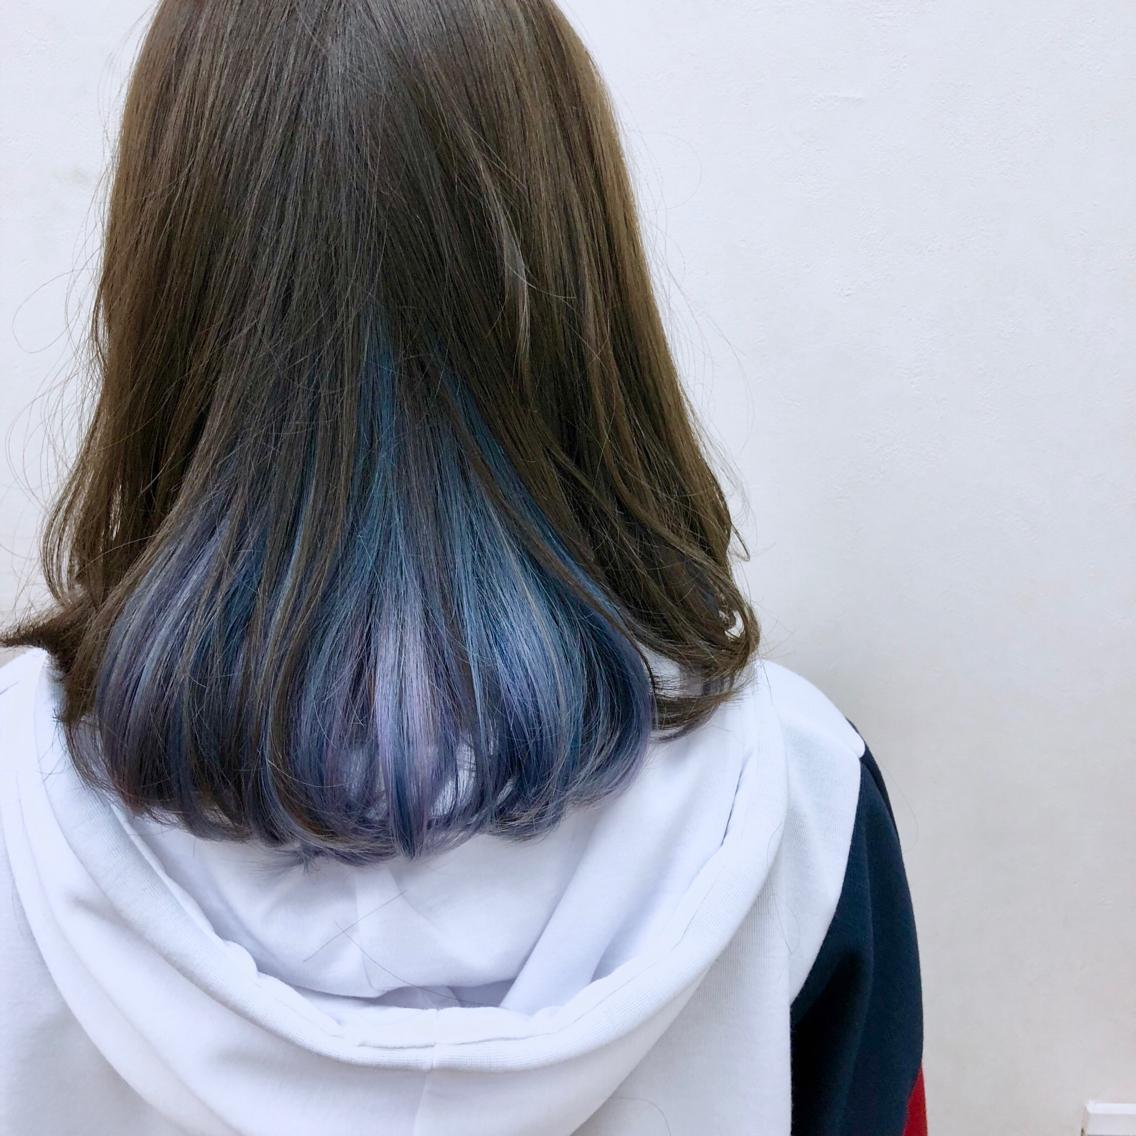 ミディアム カラー 青と紫の淡いインナーカラー